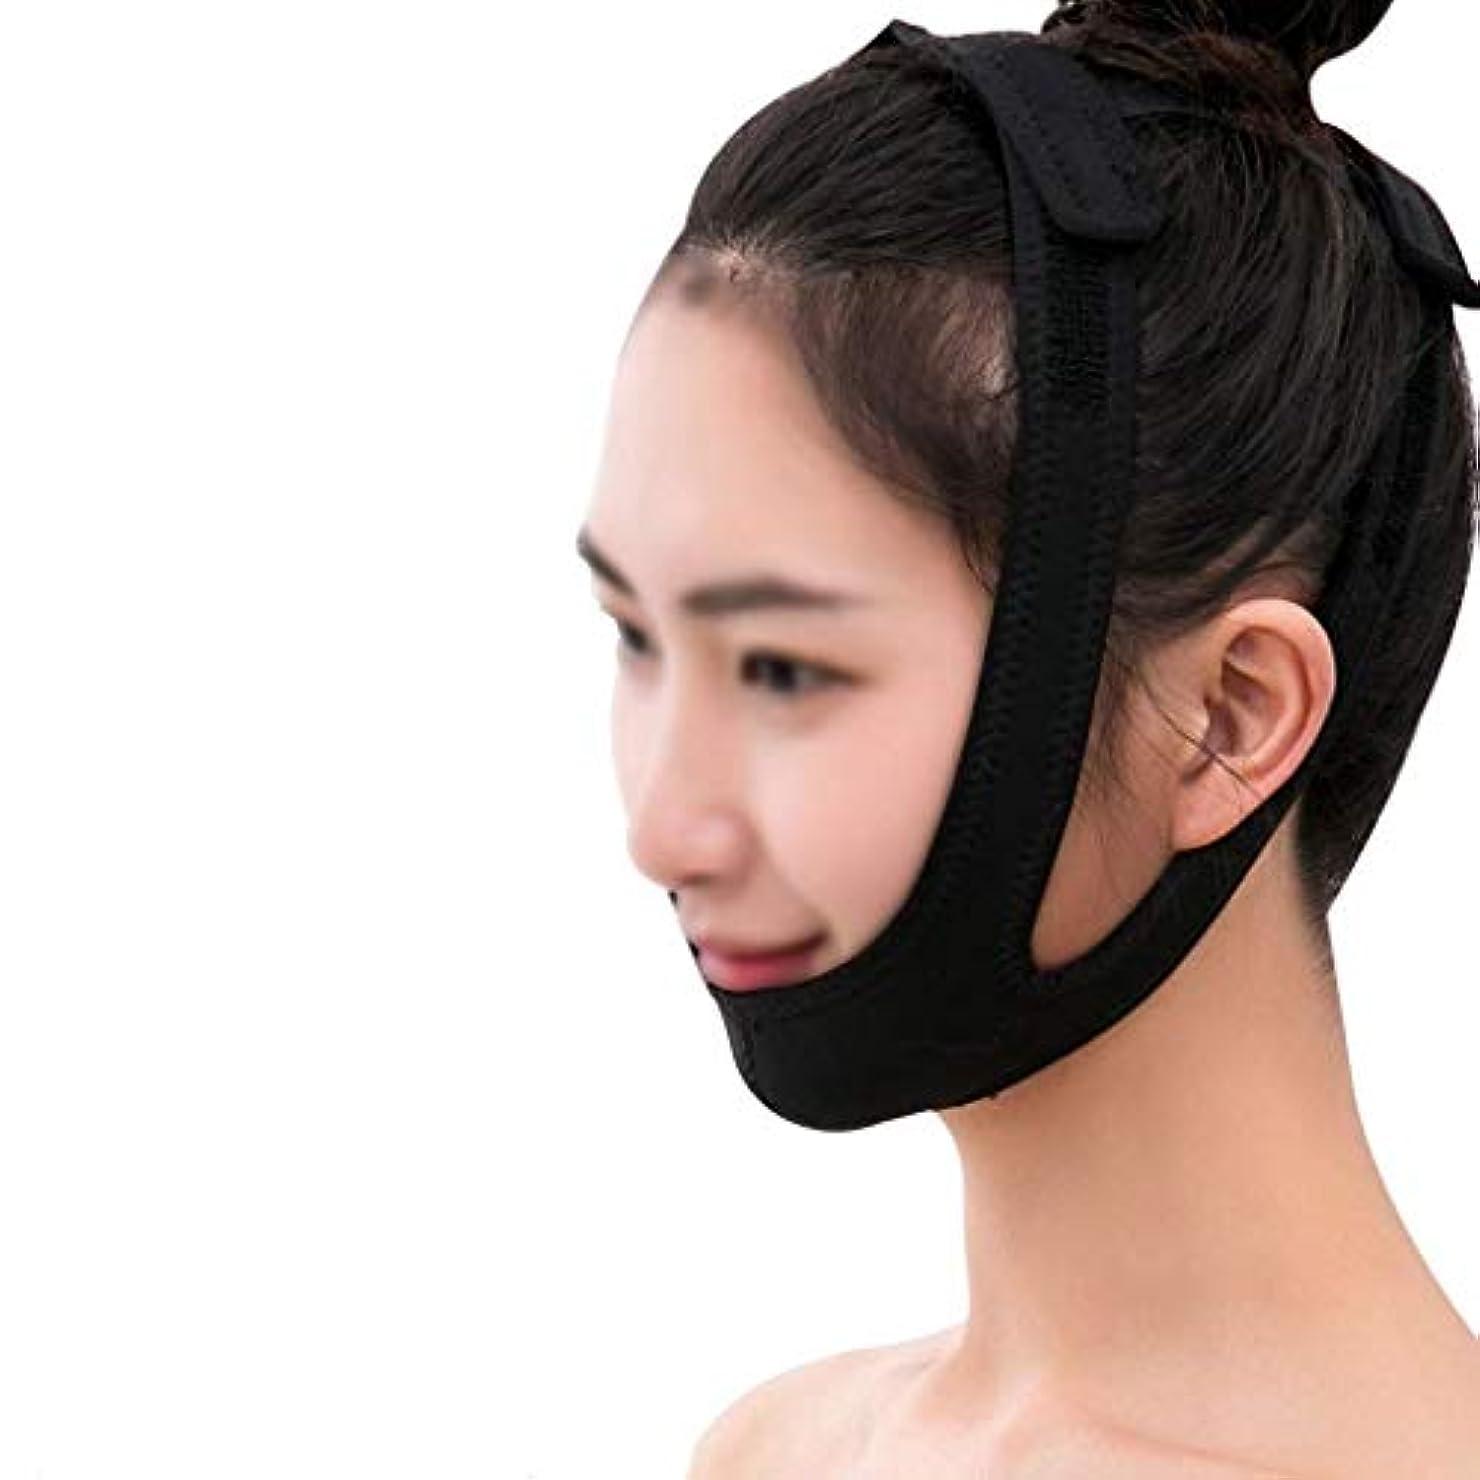 エジプトオーガニック枝フェイシャルリフティングマスク、医療用ワイヤーカービングリカバリーヘッドギアVフェイス包帯ダブルチンフェイスリフトマスク